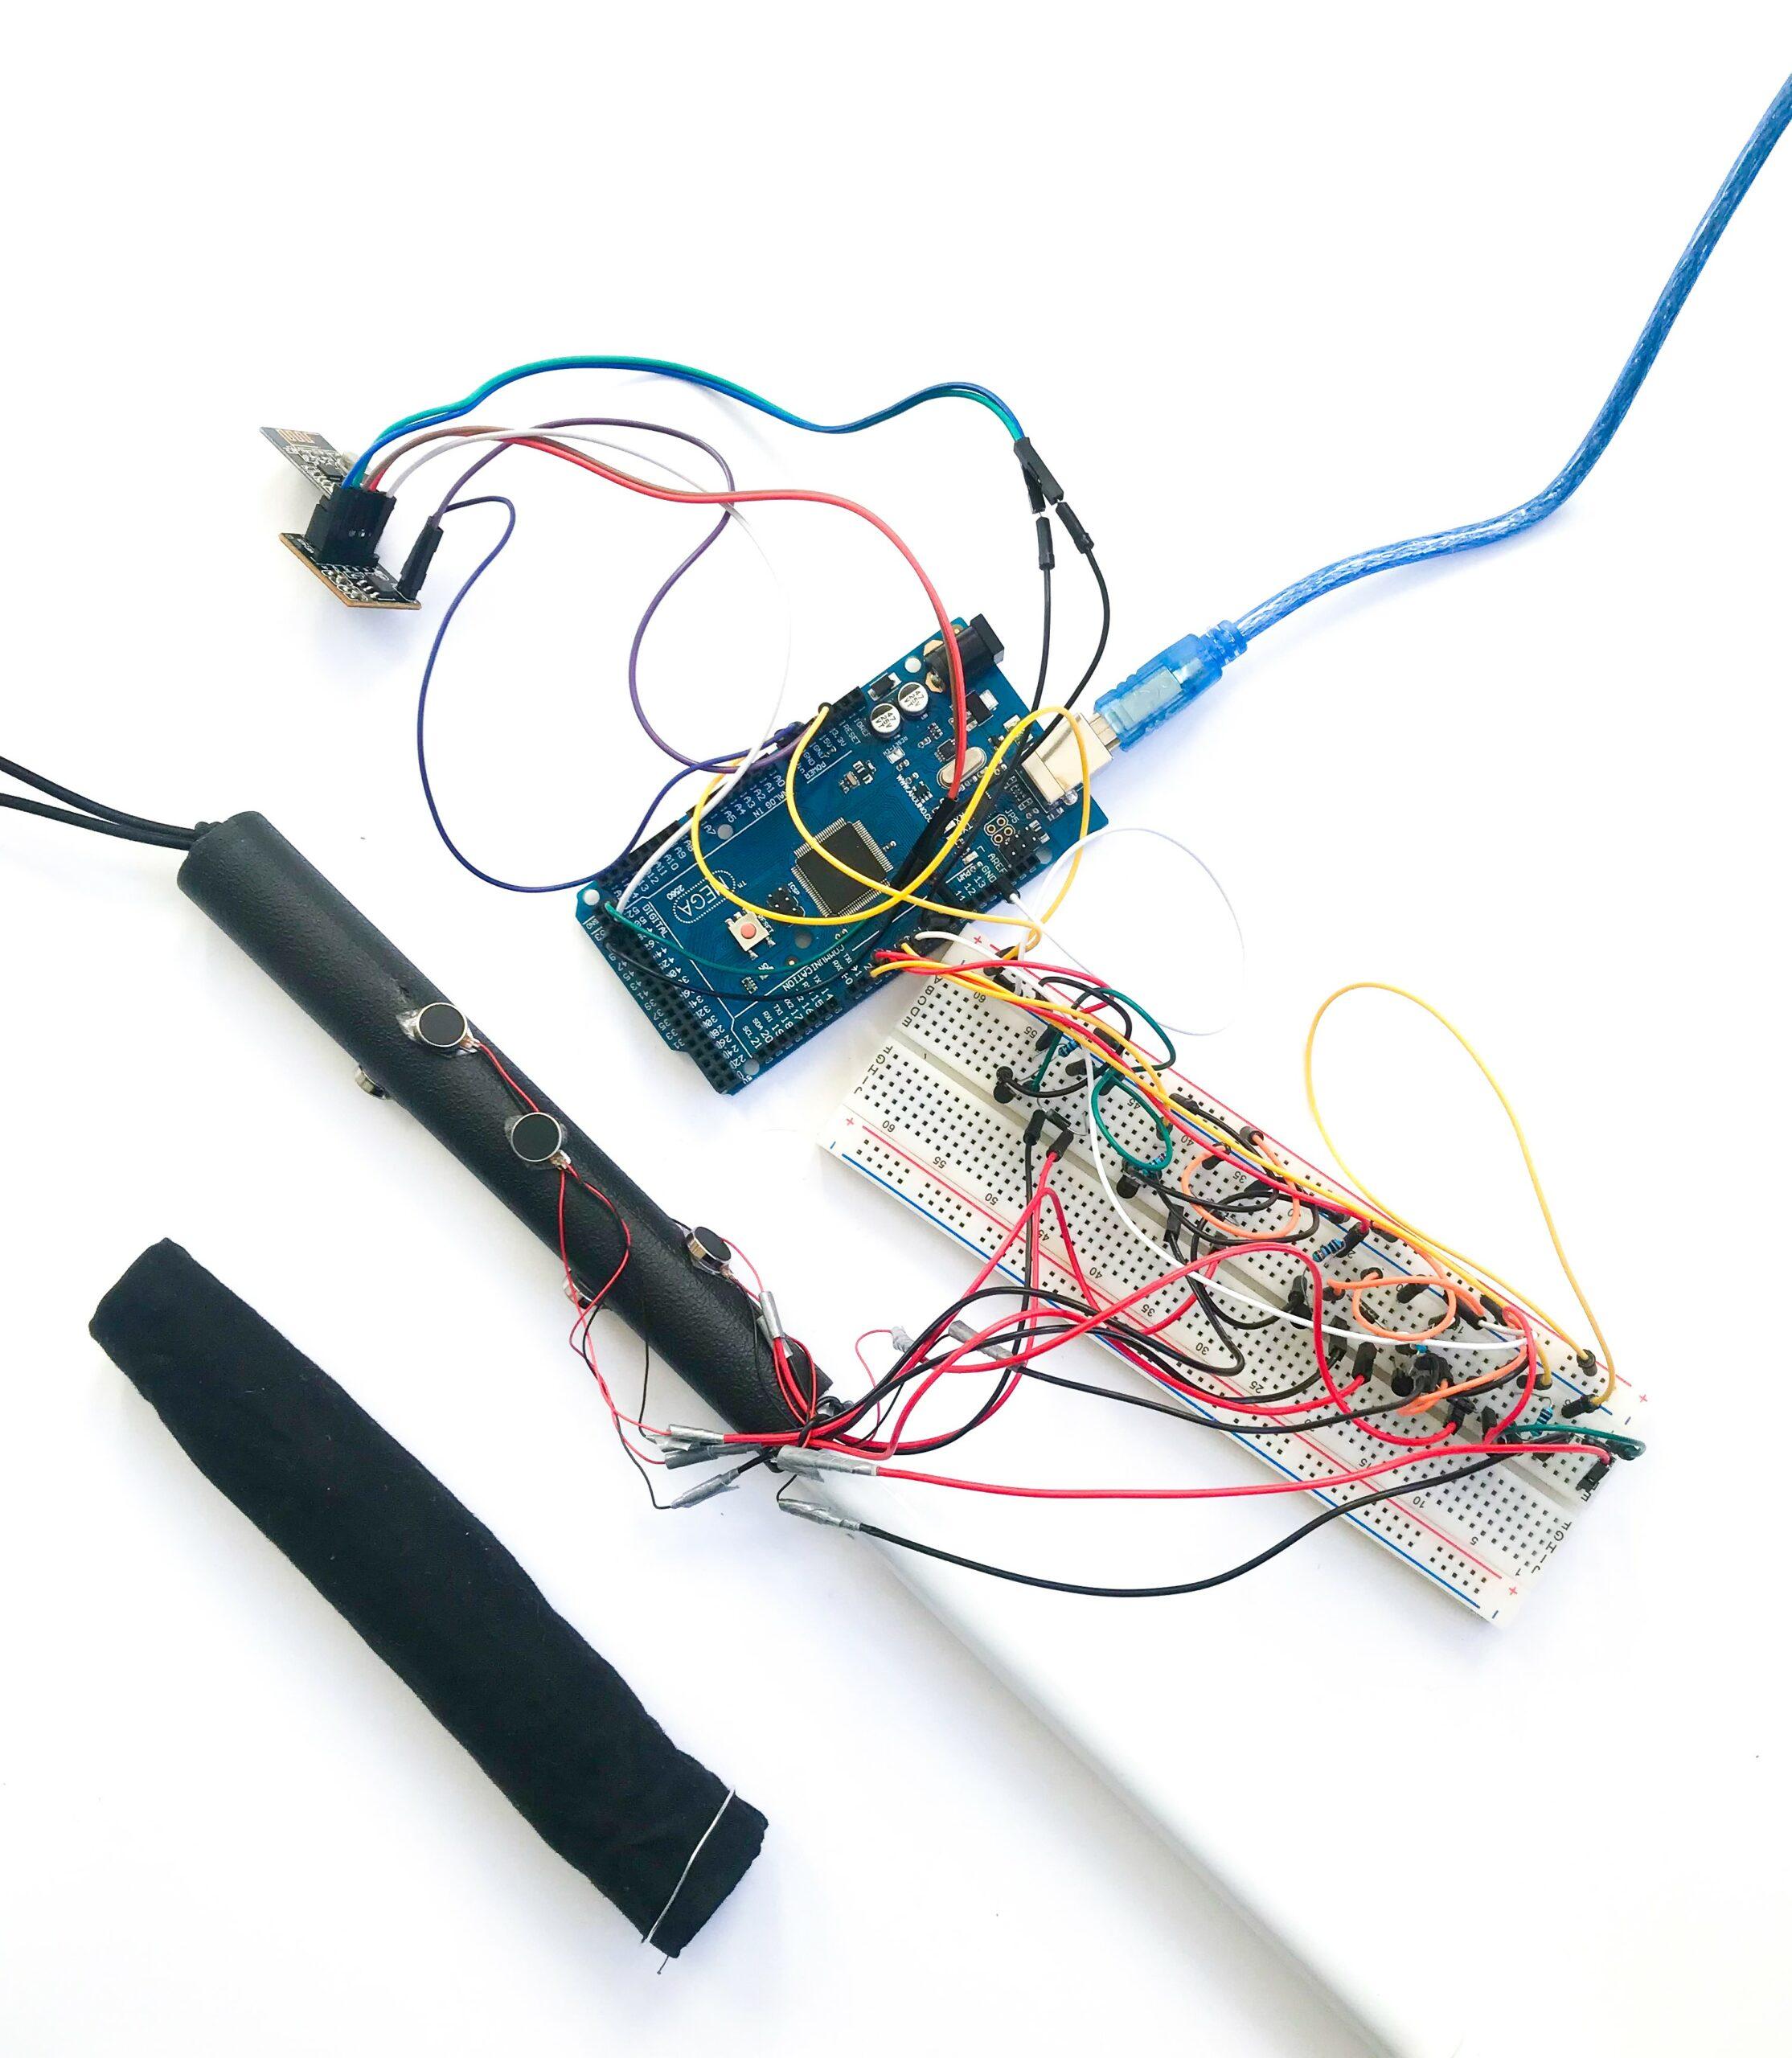 Der Prototyp von tactile. Es ist ein Blindenstock angebildet, welcher Vibrationsmotoren auf seinen Griff befestigt hat. Das Breadboard mit Arduino.